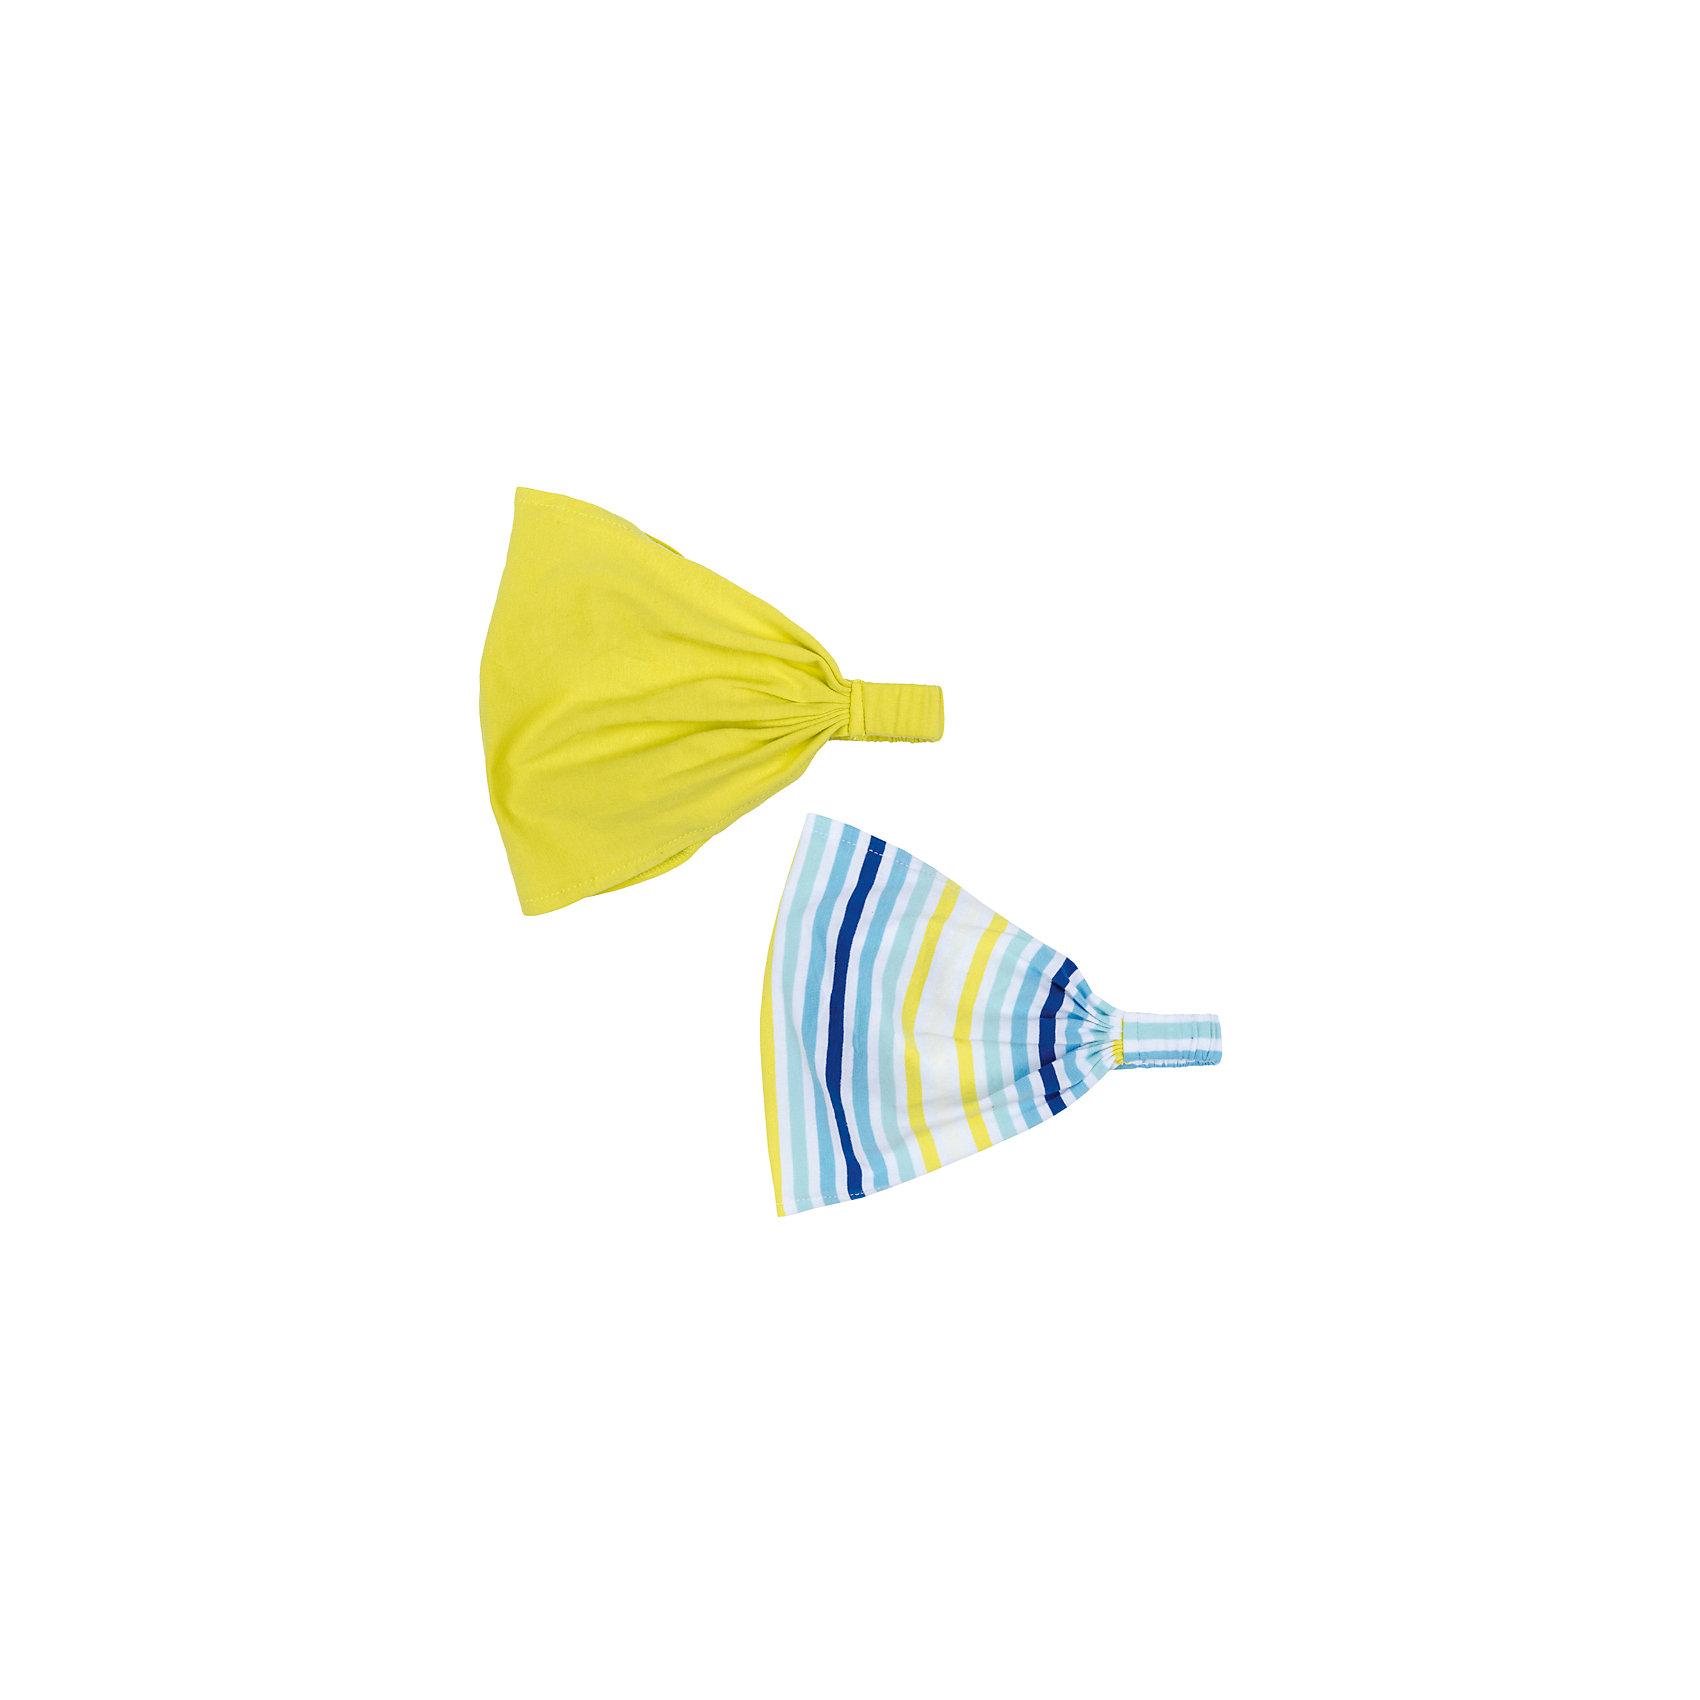 Бандана для девочки PlayTodayГоловные уборы<br>Характеристики товара:<br><br>• цвет: разноцветный<br>• состав: 95% хлопок, 5% эластан<br>• комплектация: 2 шт<br>• на резинке<br>• плотно прилегает к голове<br>• дышащий материал<br>• эластичный трикотаж<br>• комфортная посадка<br>• коллекция: весна-лето 2017<br>• страна бренда: Германия<br>• страна производства: Китай<br><br>Популярный бренд PlayToday выпустил новую коллекцию! Вещи из неё продолжают радовать покупателей удобством, стильным дизайном и продуманным кроем. Дети носят их с удовольствием. PlayToday - это линейка товаров, созданная специально для детей. Дизайнеры учитывают новые веяния моды и потребности детей. Порадуйте ребенка обновкой от проверенного производителя!<br>Такая симпатичная модель обеспечит ребенку комфорт благодаря качественному материалу и продуманному крою. С помощью неё можно удобно одеться по погоде и обеспечить защиту от солнца. Очень качественная вещь! <br><br>Бандану для девочки от известного бренда PlayToday можно купить в нашем интернет-магазине.<br><br>Ширина мм: 89<br>Глубина мм: 117<br>Высота мм: 44<br>Вес г: 155<br>Цвет: белый<br>Возраст от месяцев: 72<br>Возраст до месяцев: 84<br>Пол: Женский<br>Возраст: Детский<br>Размер: 54<br>SKU: 5404361